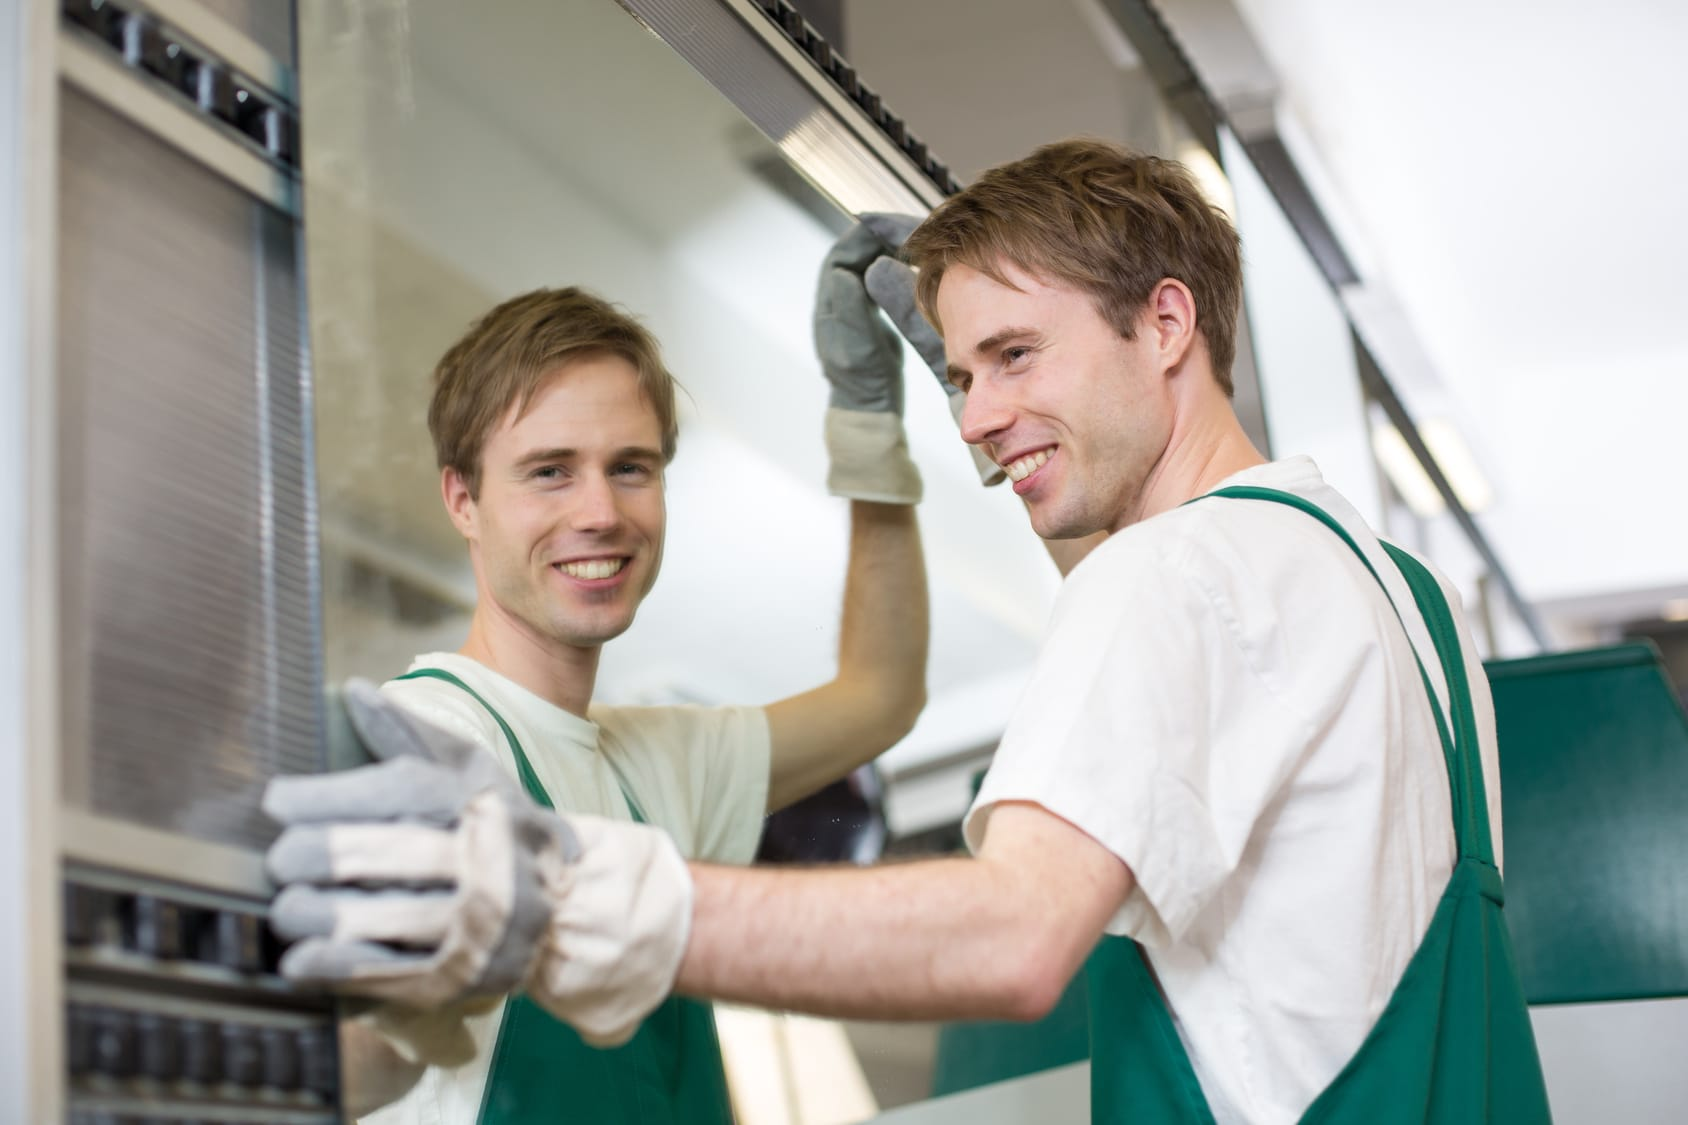 Worker in glazier's workshop putting glass in grinding machine